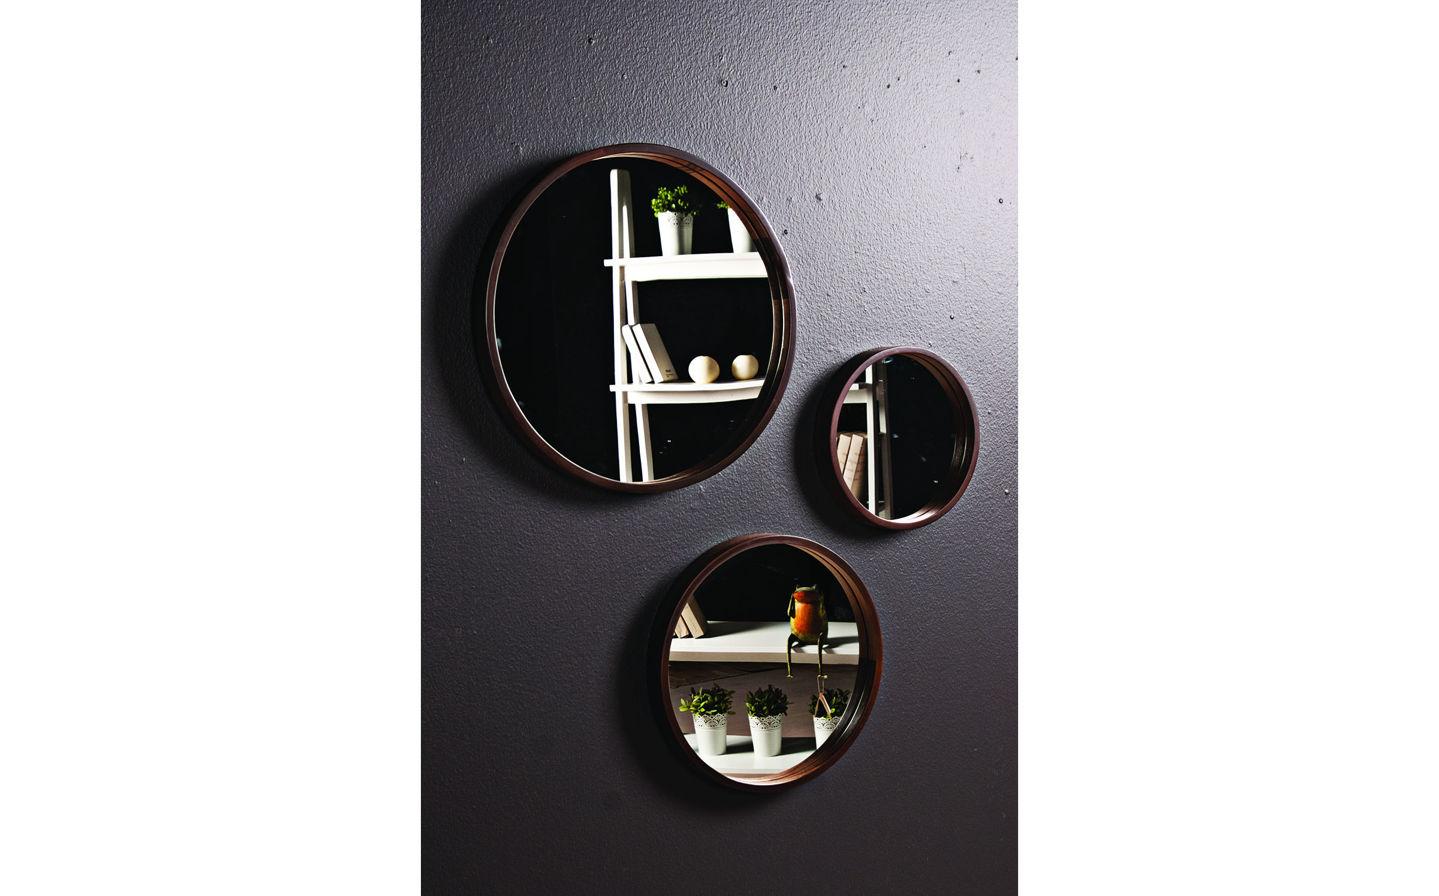 Luna Dekoratif Ayna 3'lü Takım Ceviz